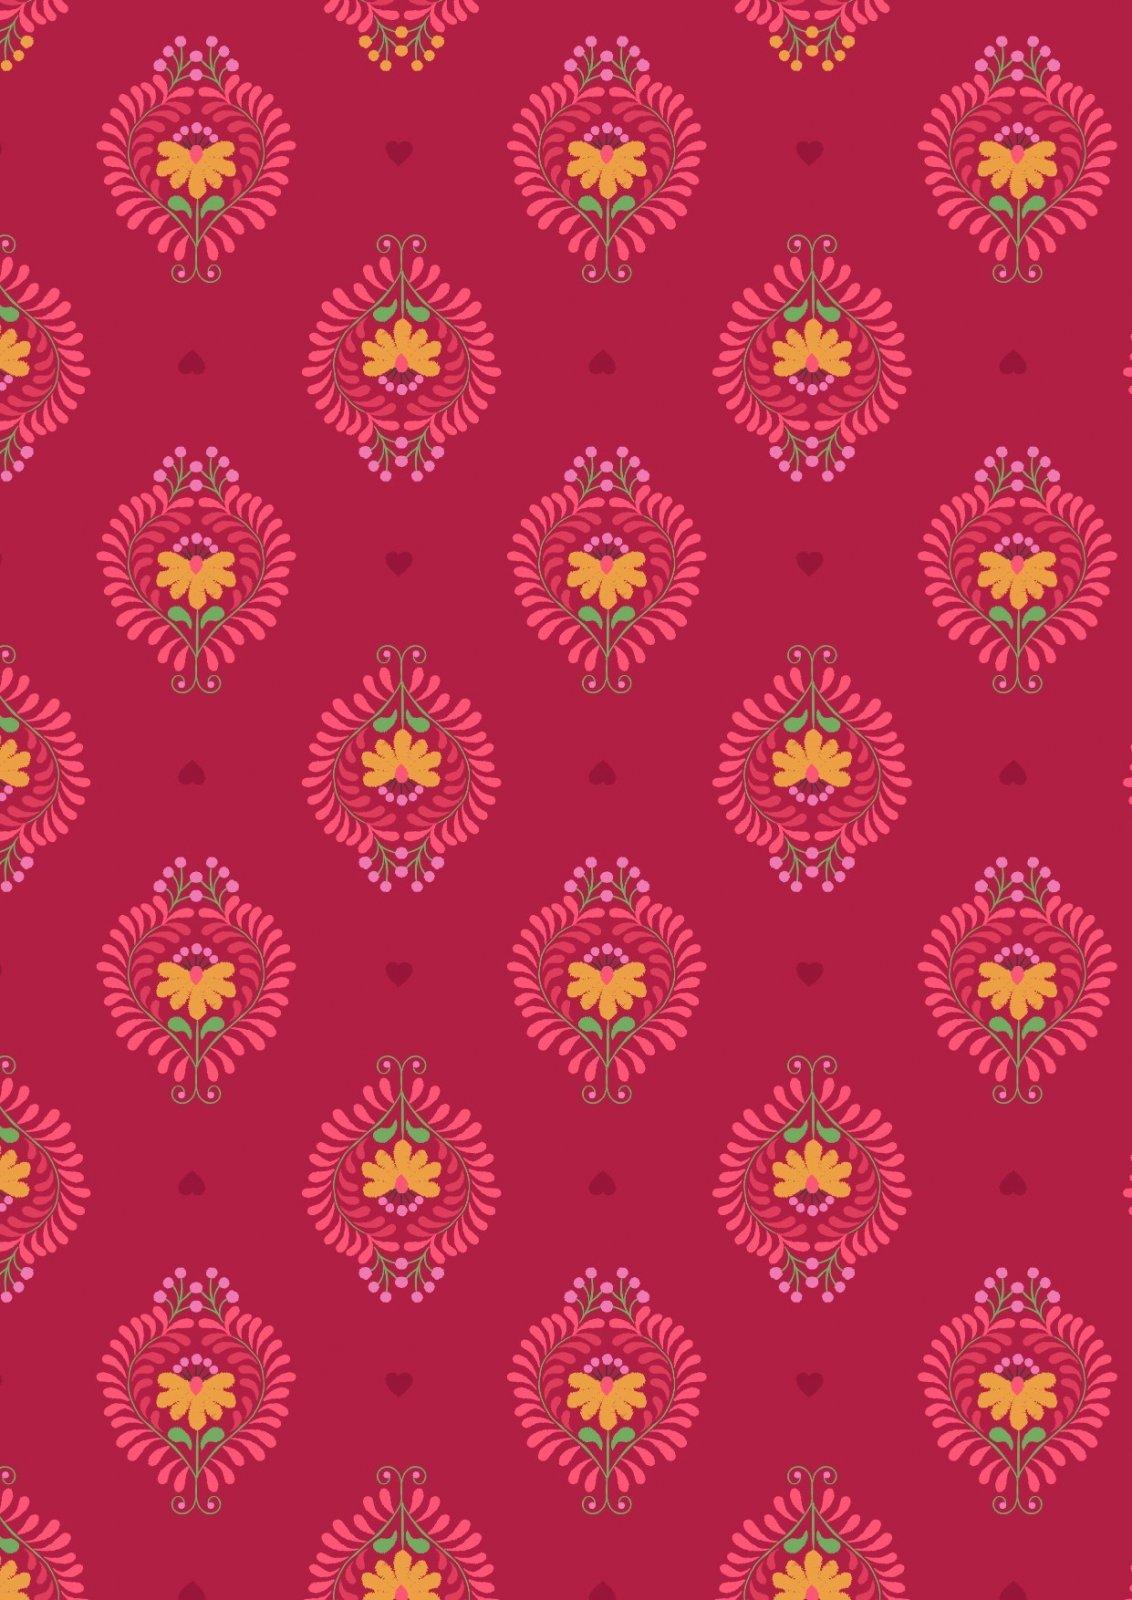 Maya - Heart Floral